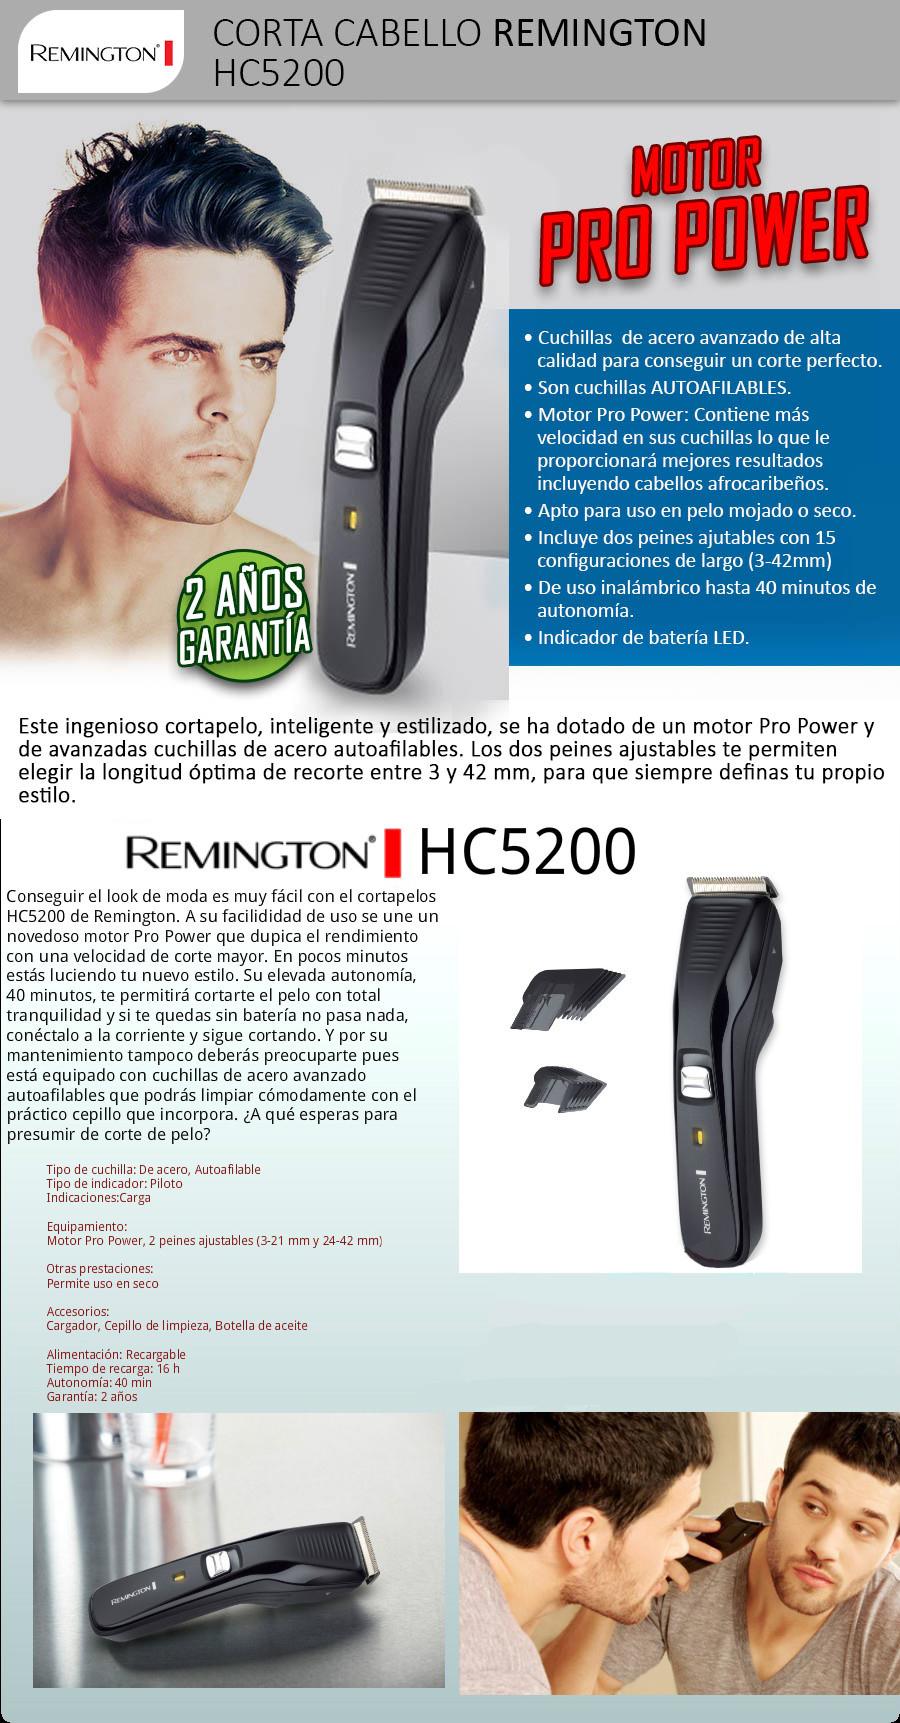 Cortadora de cabello hc5200 – Hermosos peinados 0dde09cb67f5